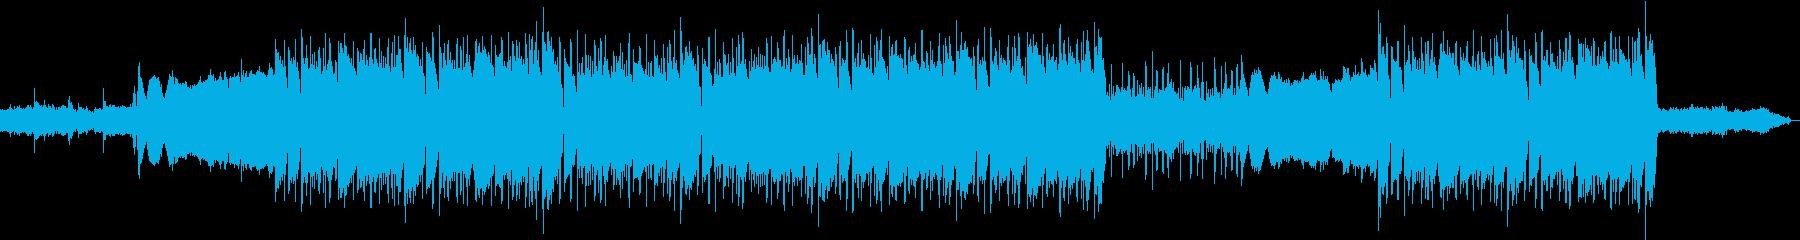 洋楽、重低音の808ベース、トラップの再生済みの波形